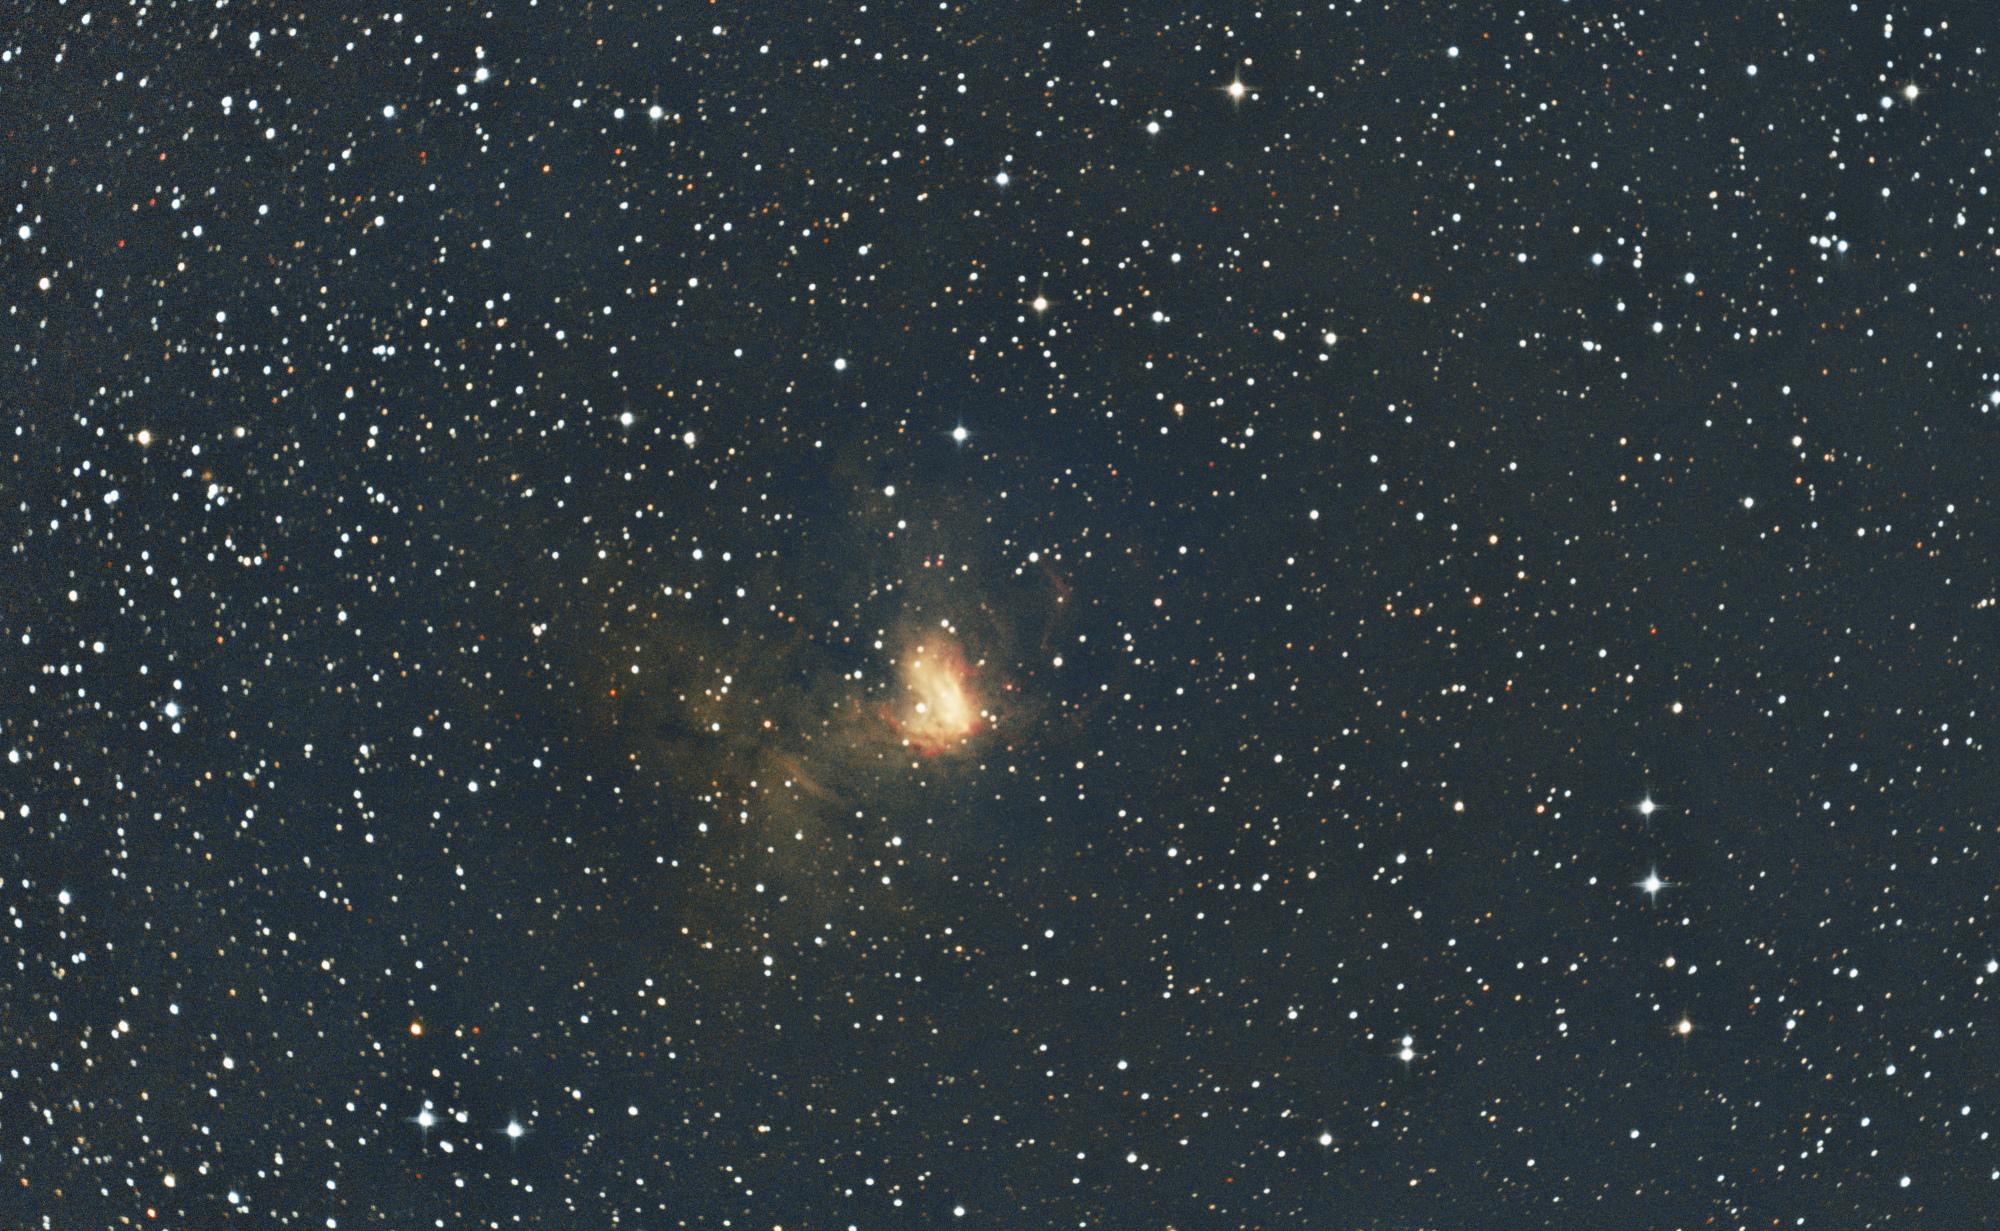 NGC1491b.thumb.jpg.c2454816d00c6b095f34f728e6851f60.jpg